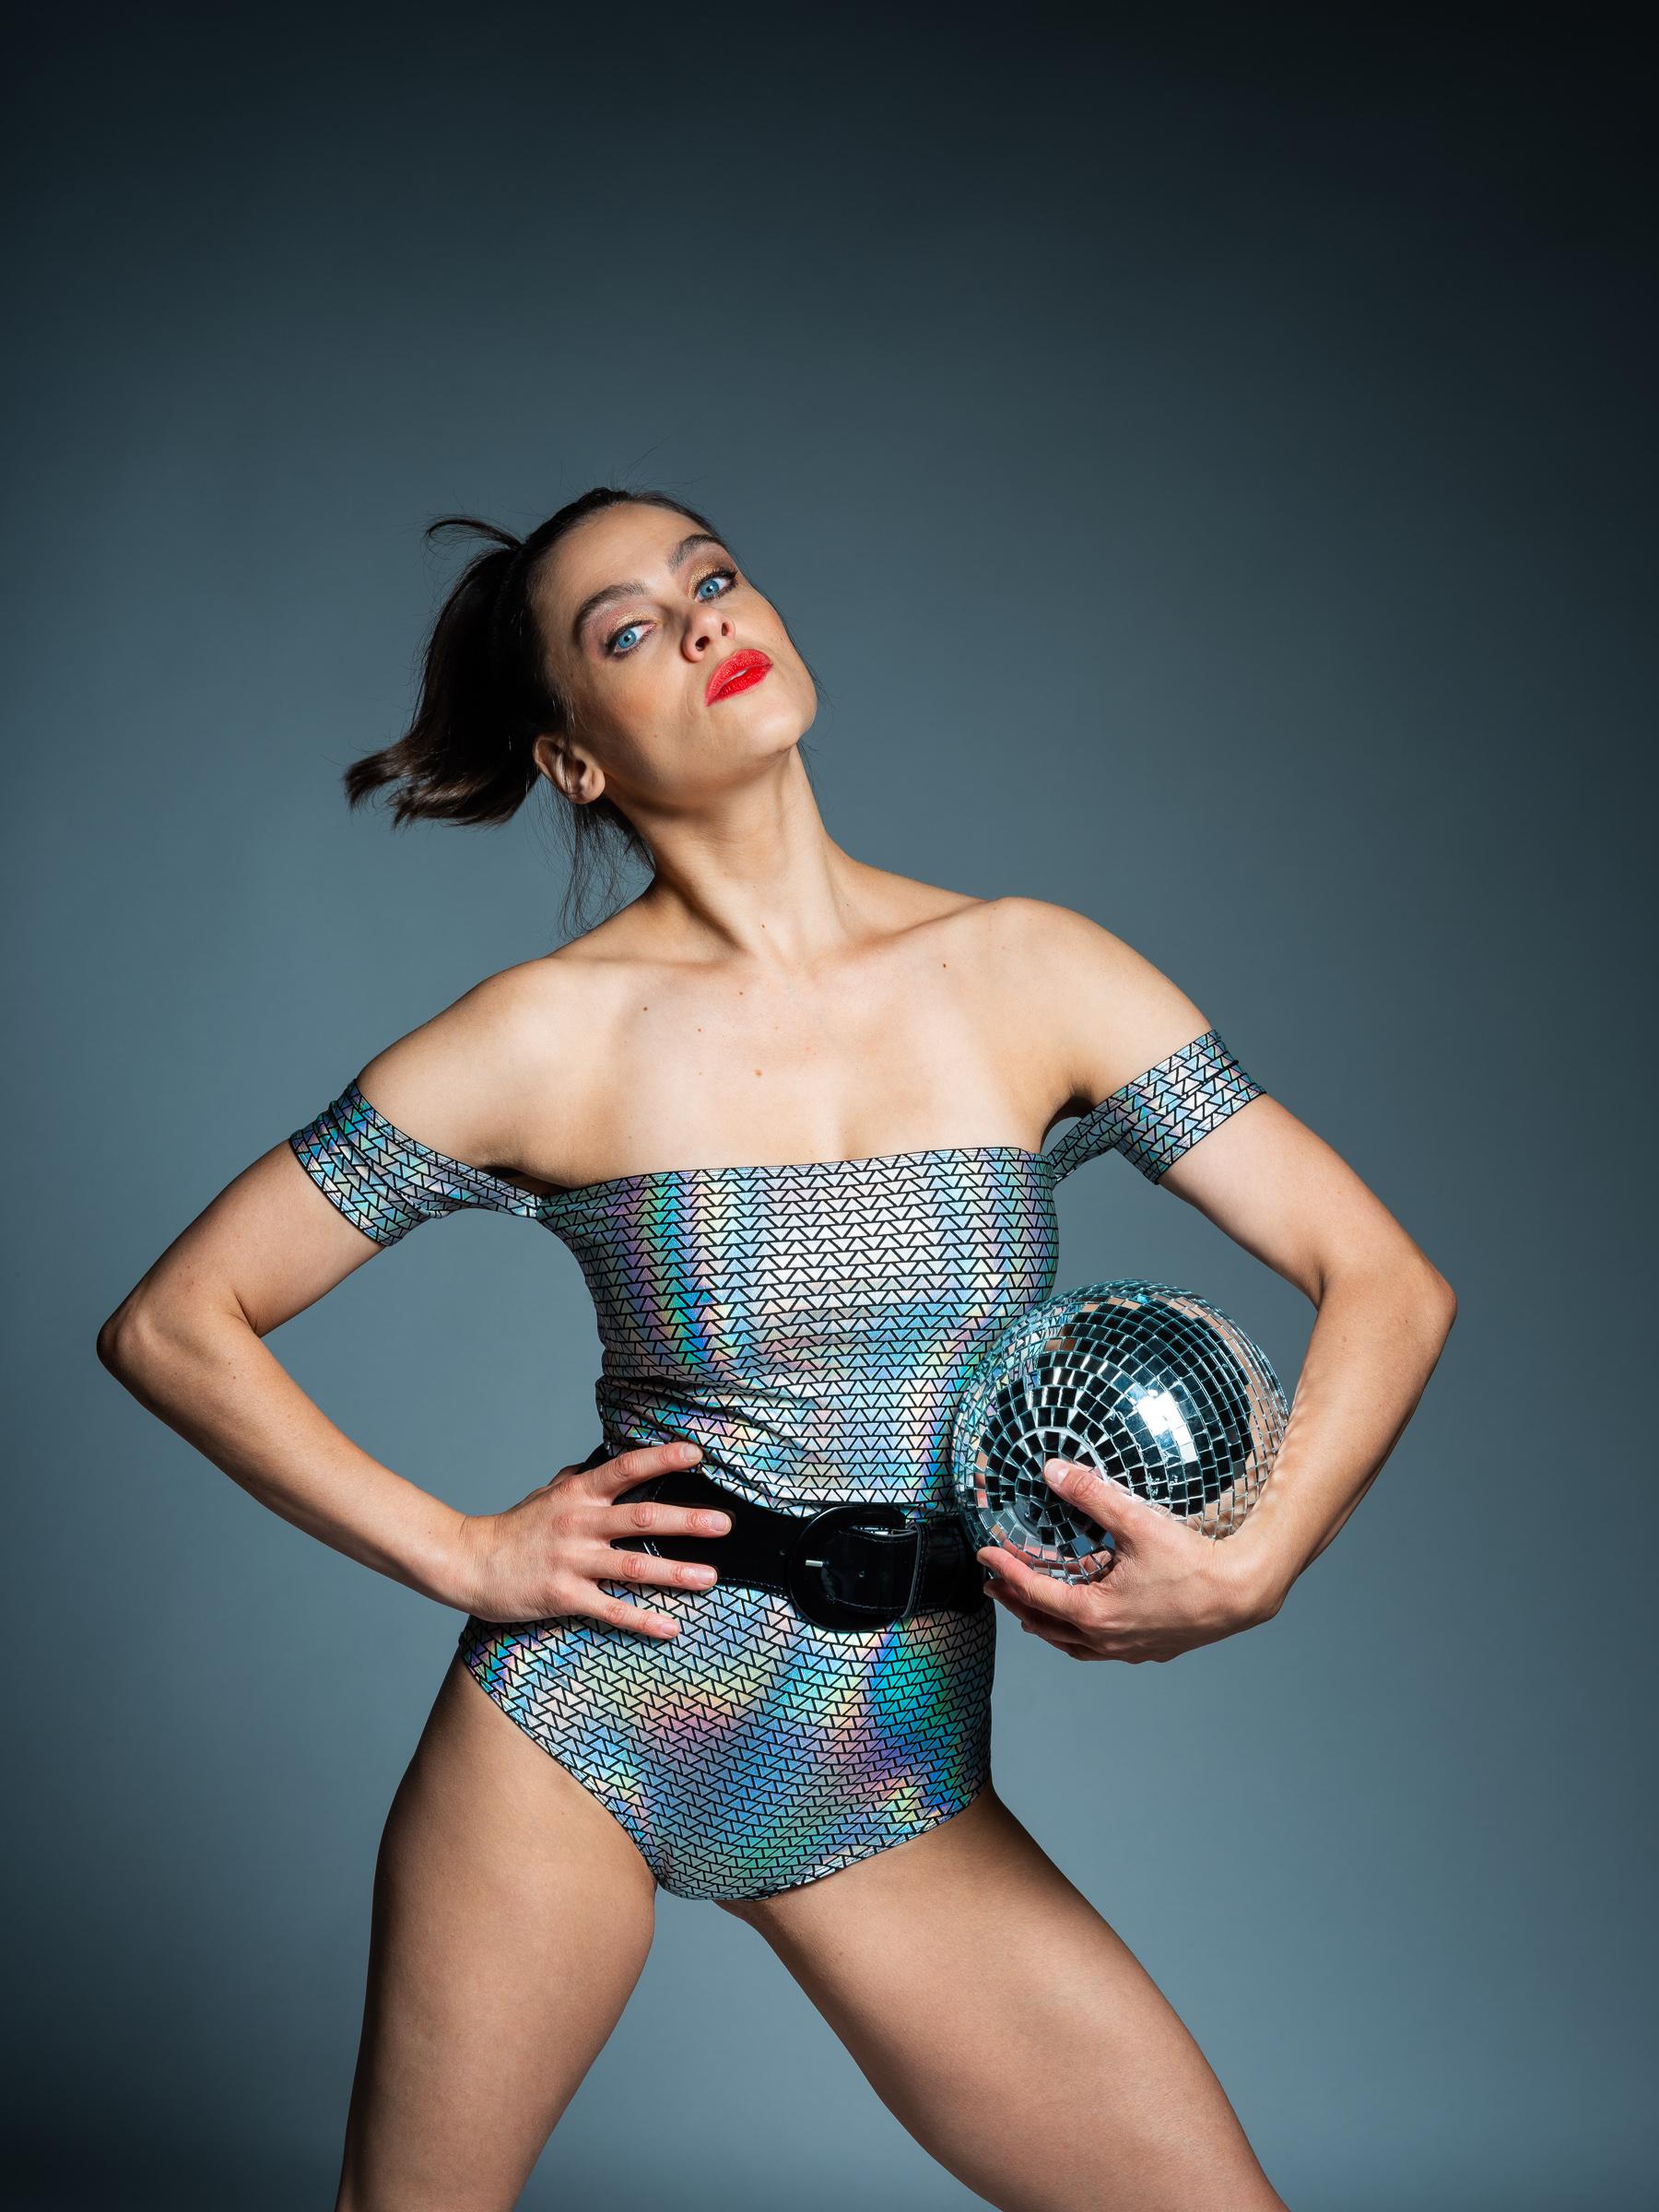 Nina Burri Pop Queen by STEMUTZ, Fribourg, 02.09.2020